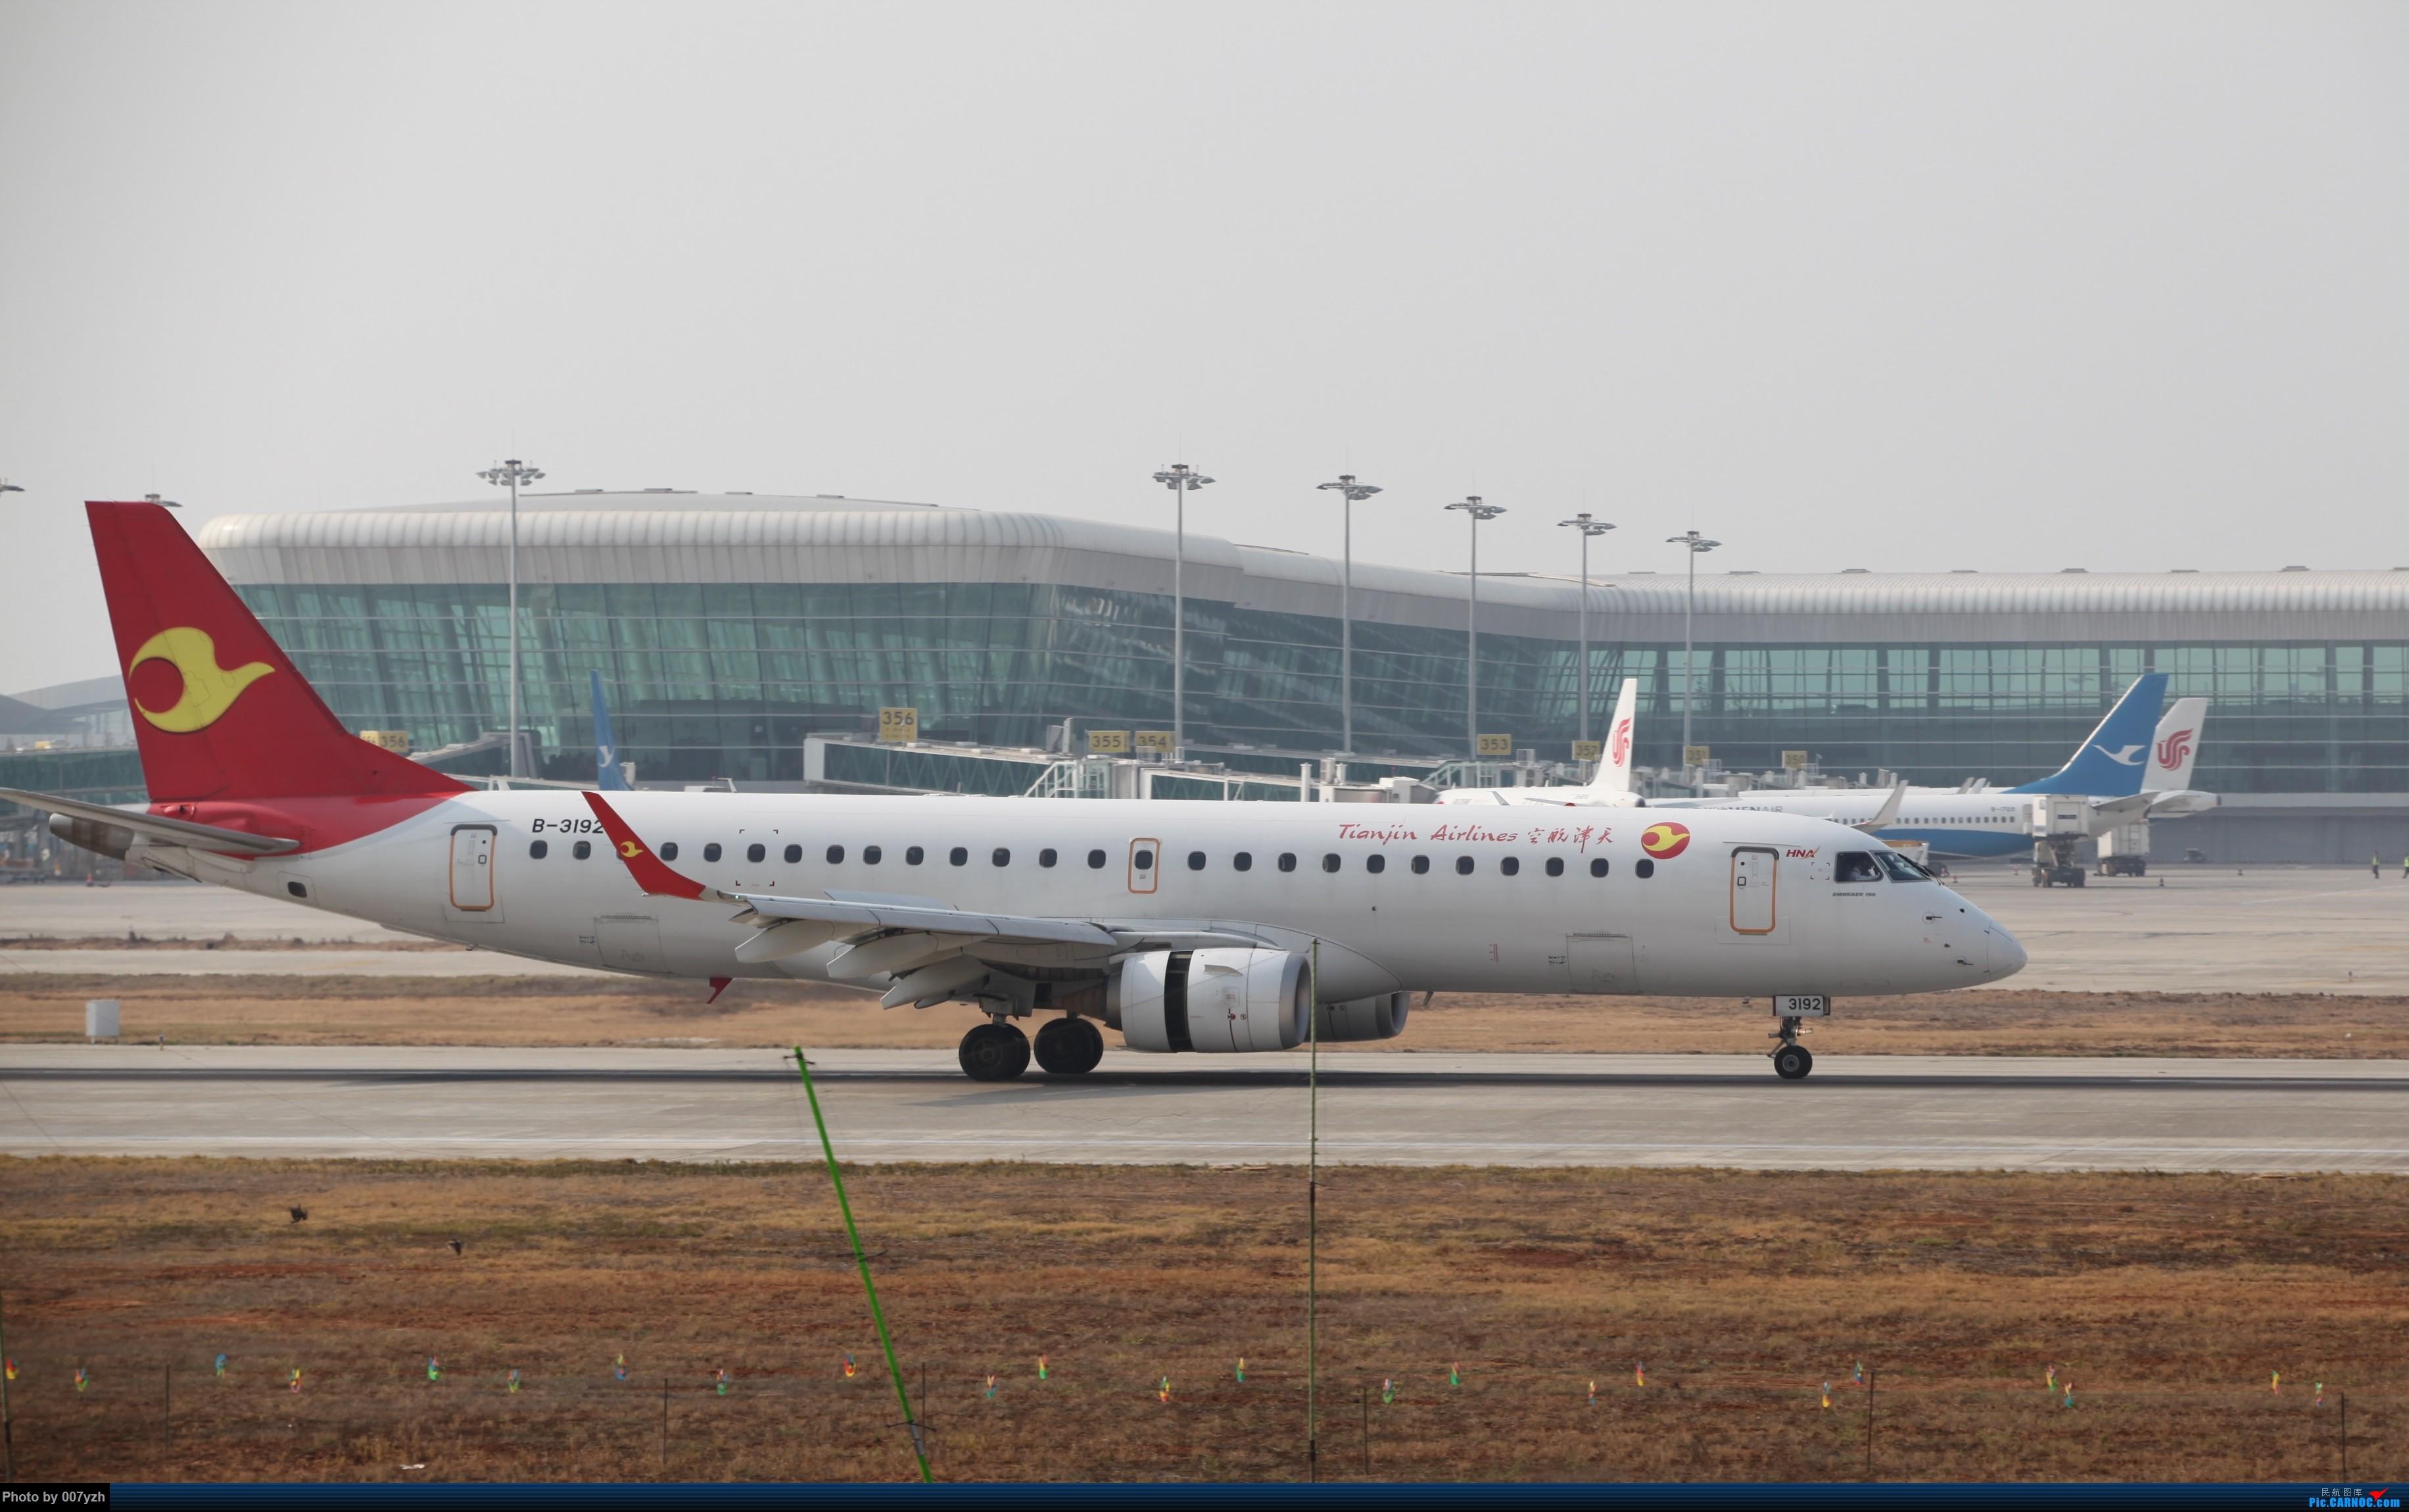 Re:[原创]WUH小拍,终于找到了在WUH拍机的组织 EMBRAER E-190 B-3192 中国武汉天河国际机场